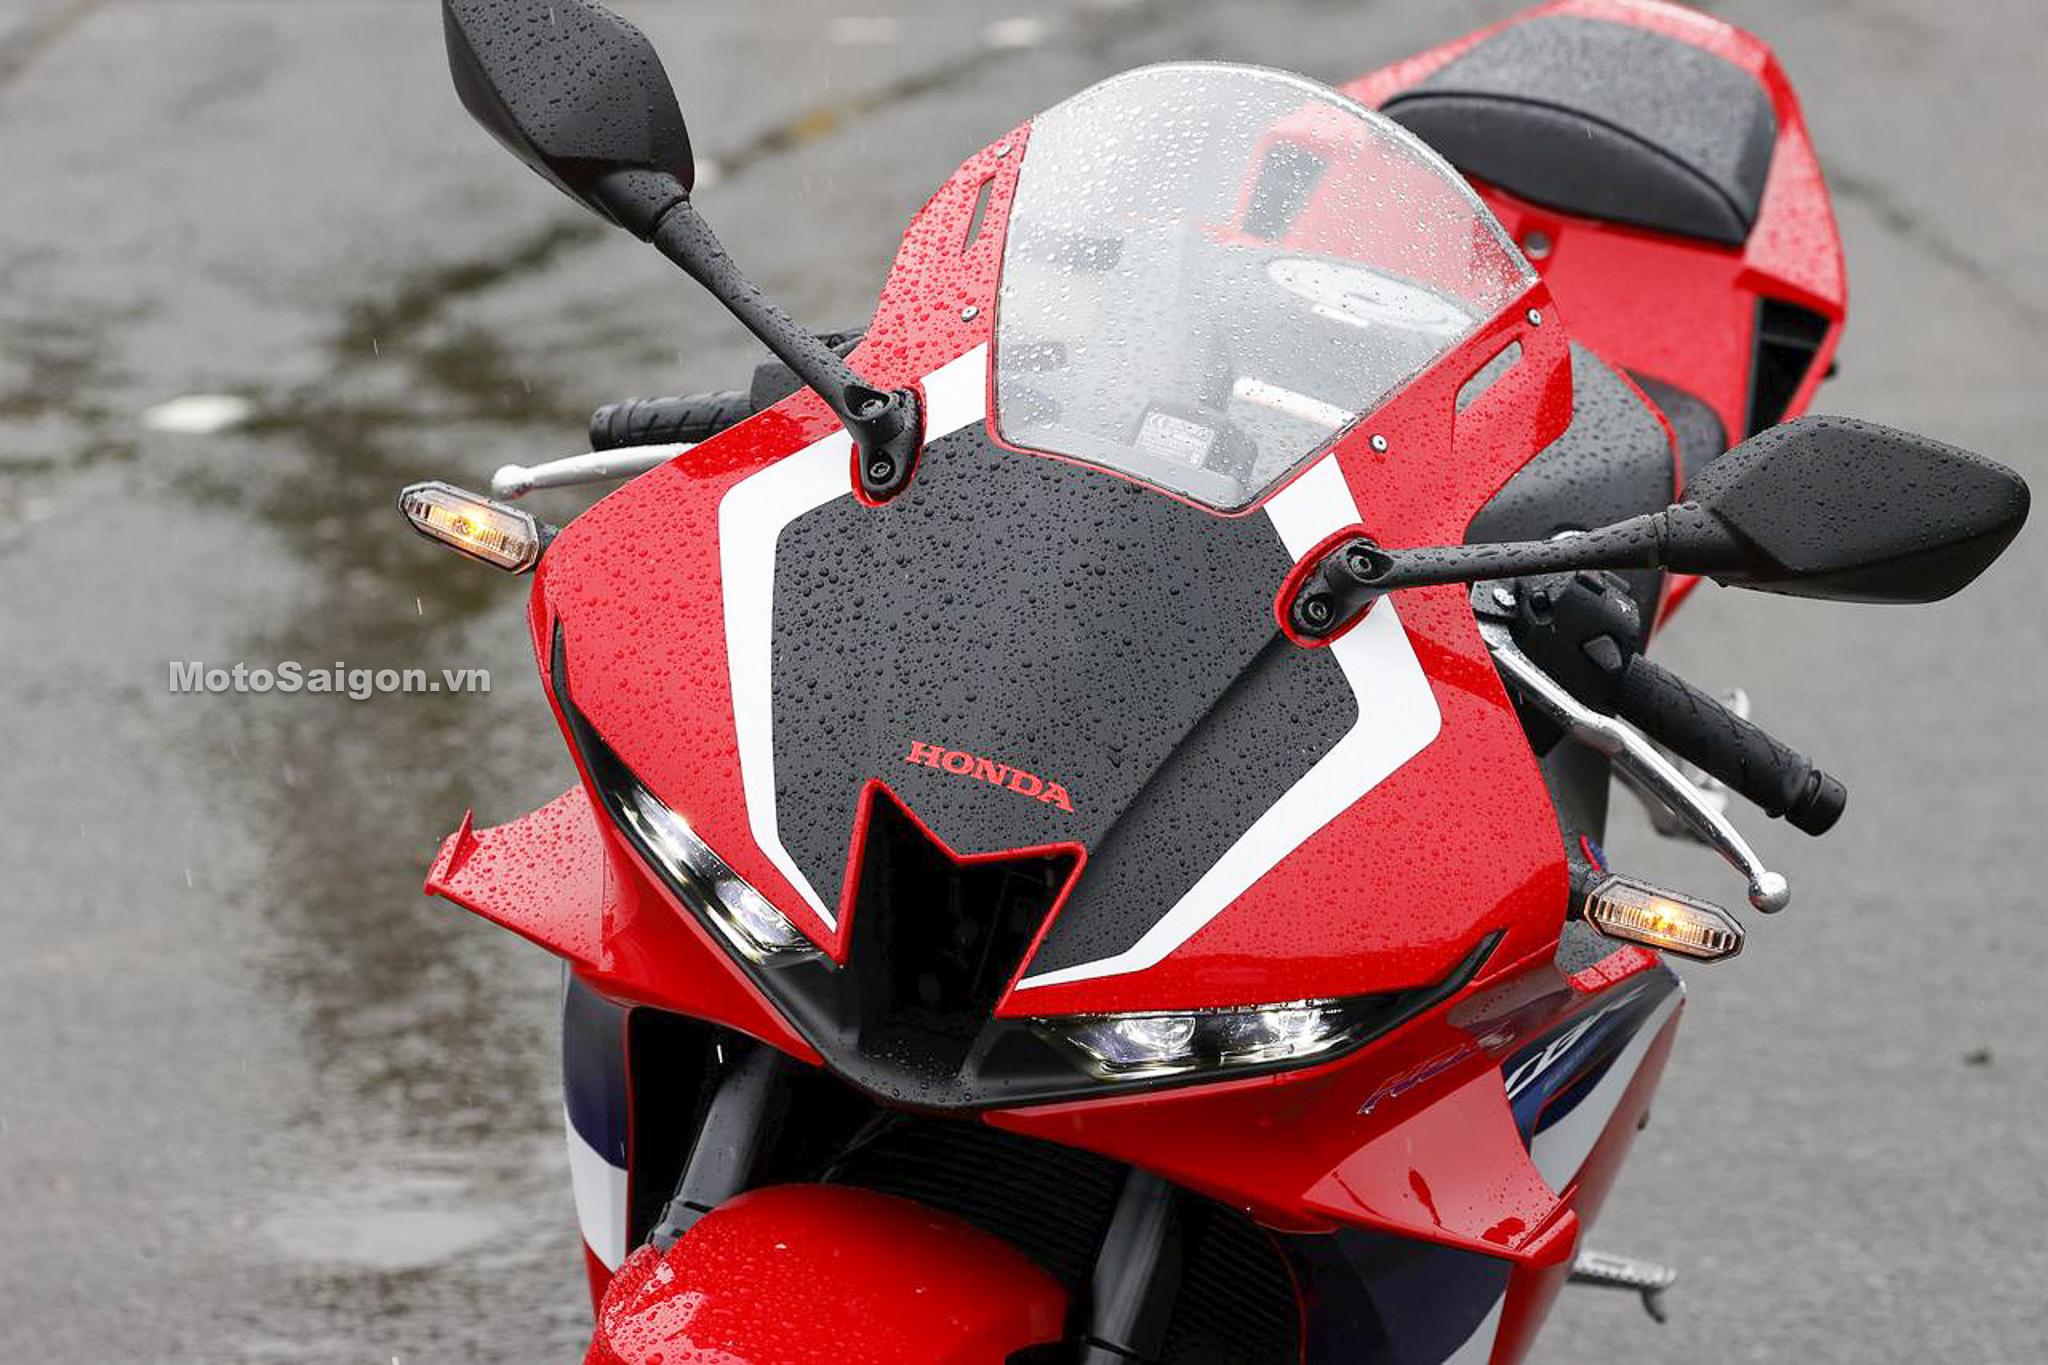 honda cbr600rr 2020 danh gia xe motosaigon 3